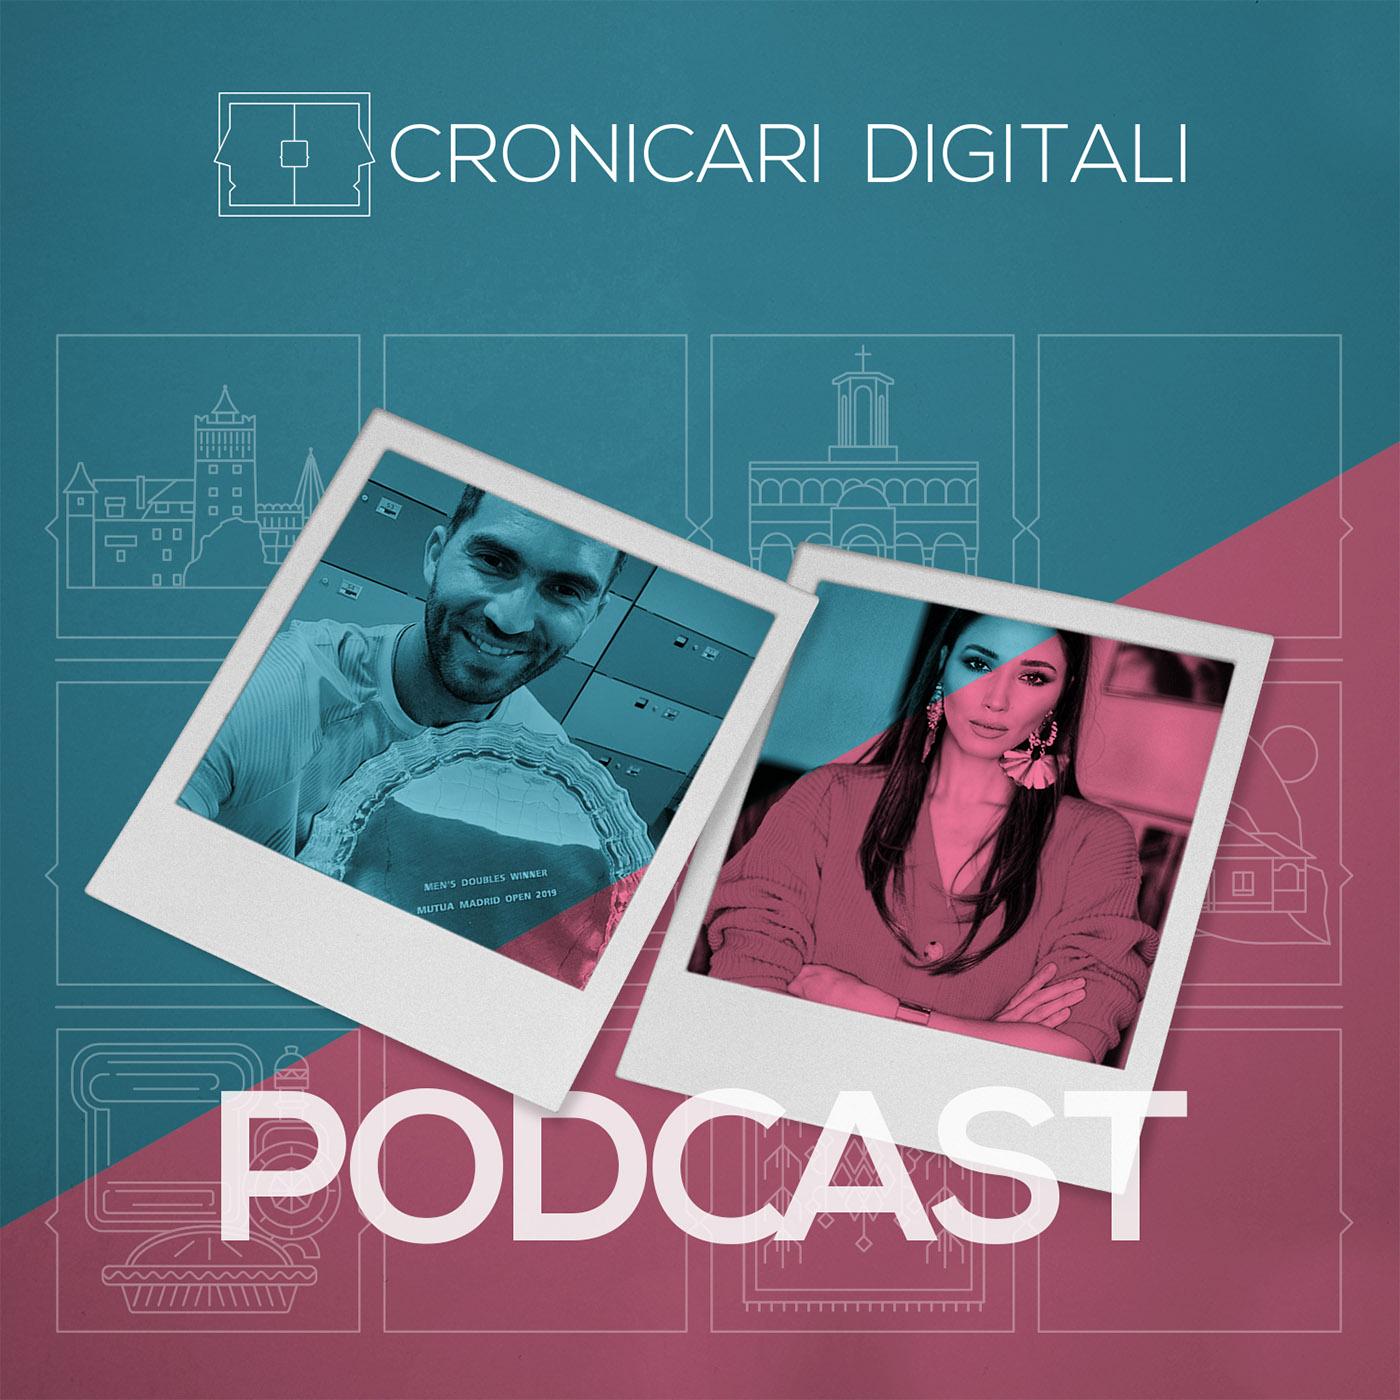 #cronicaridigitali S1 episod 8, Invitați Horia Tecău & Diana Enciu, moderator Cristian Șimonca, aka Blogu lu' Otravă